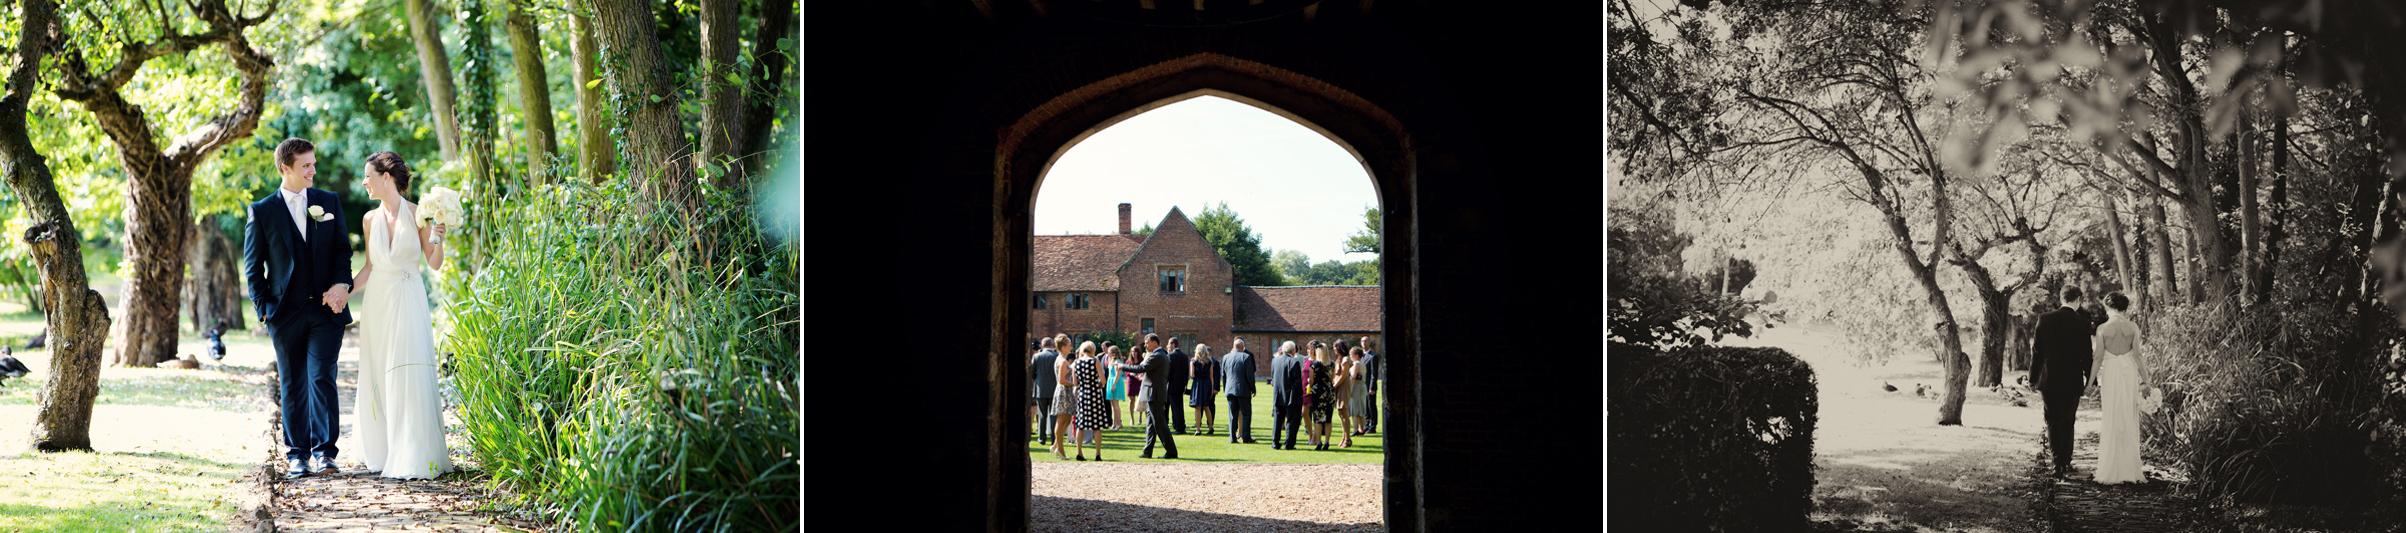 coco-wedding-venues-leez-priory-wedding-venue-jasmine-jade-photography-trio-2